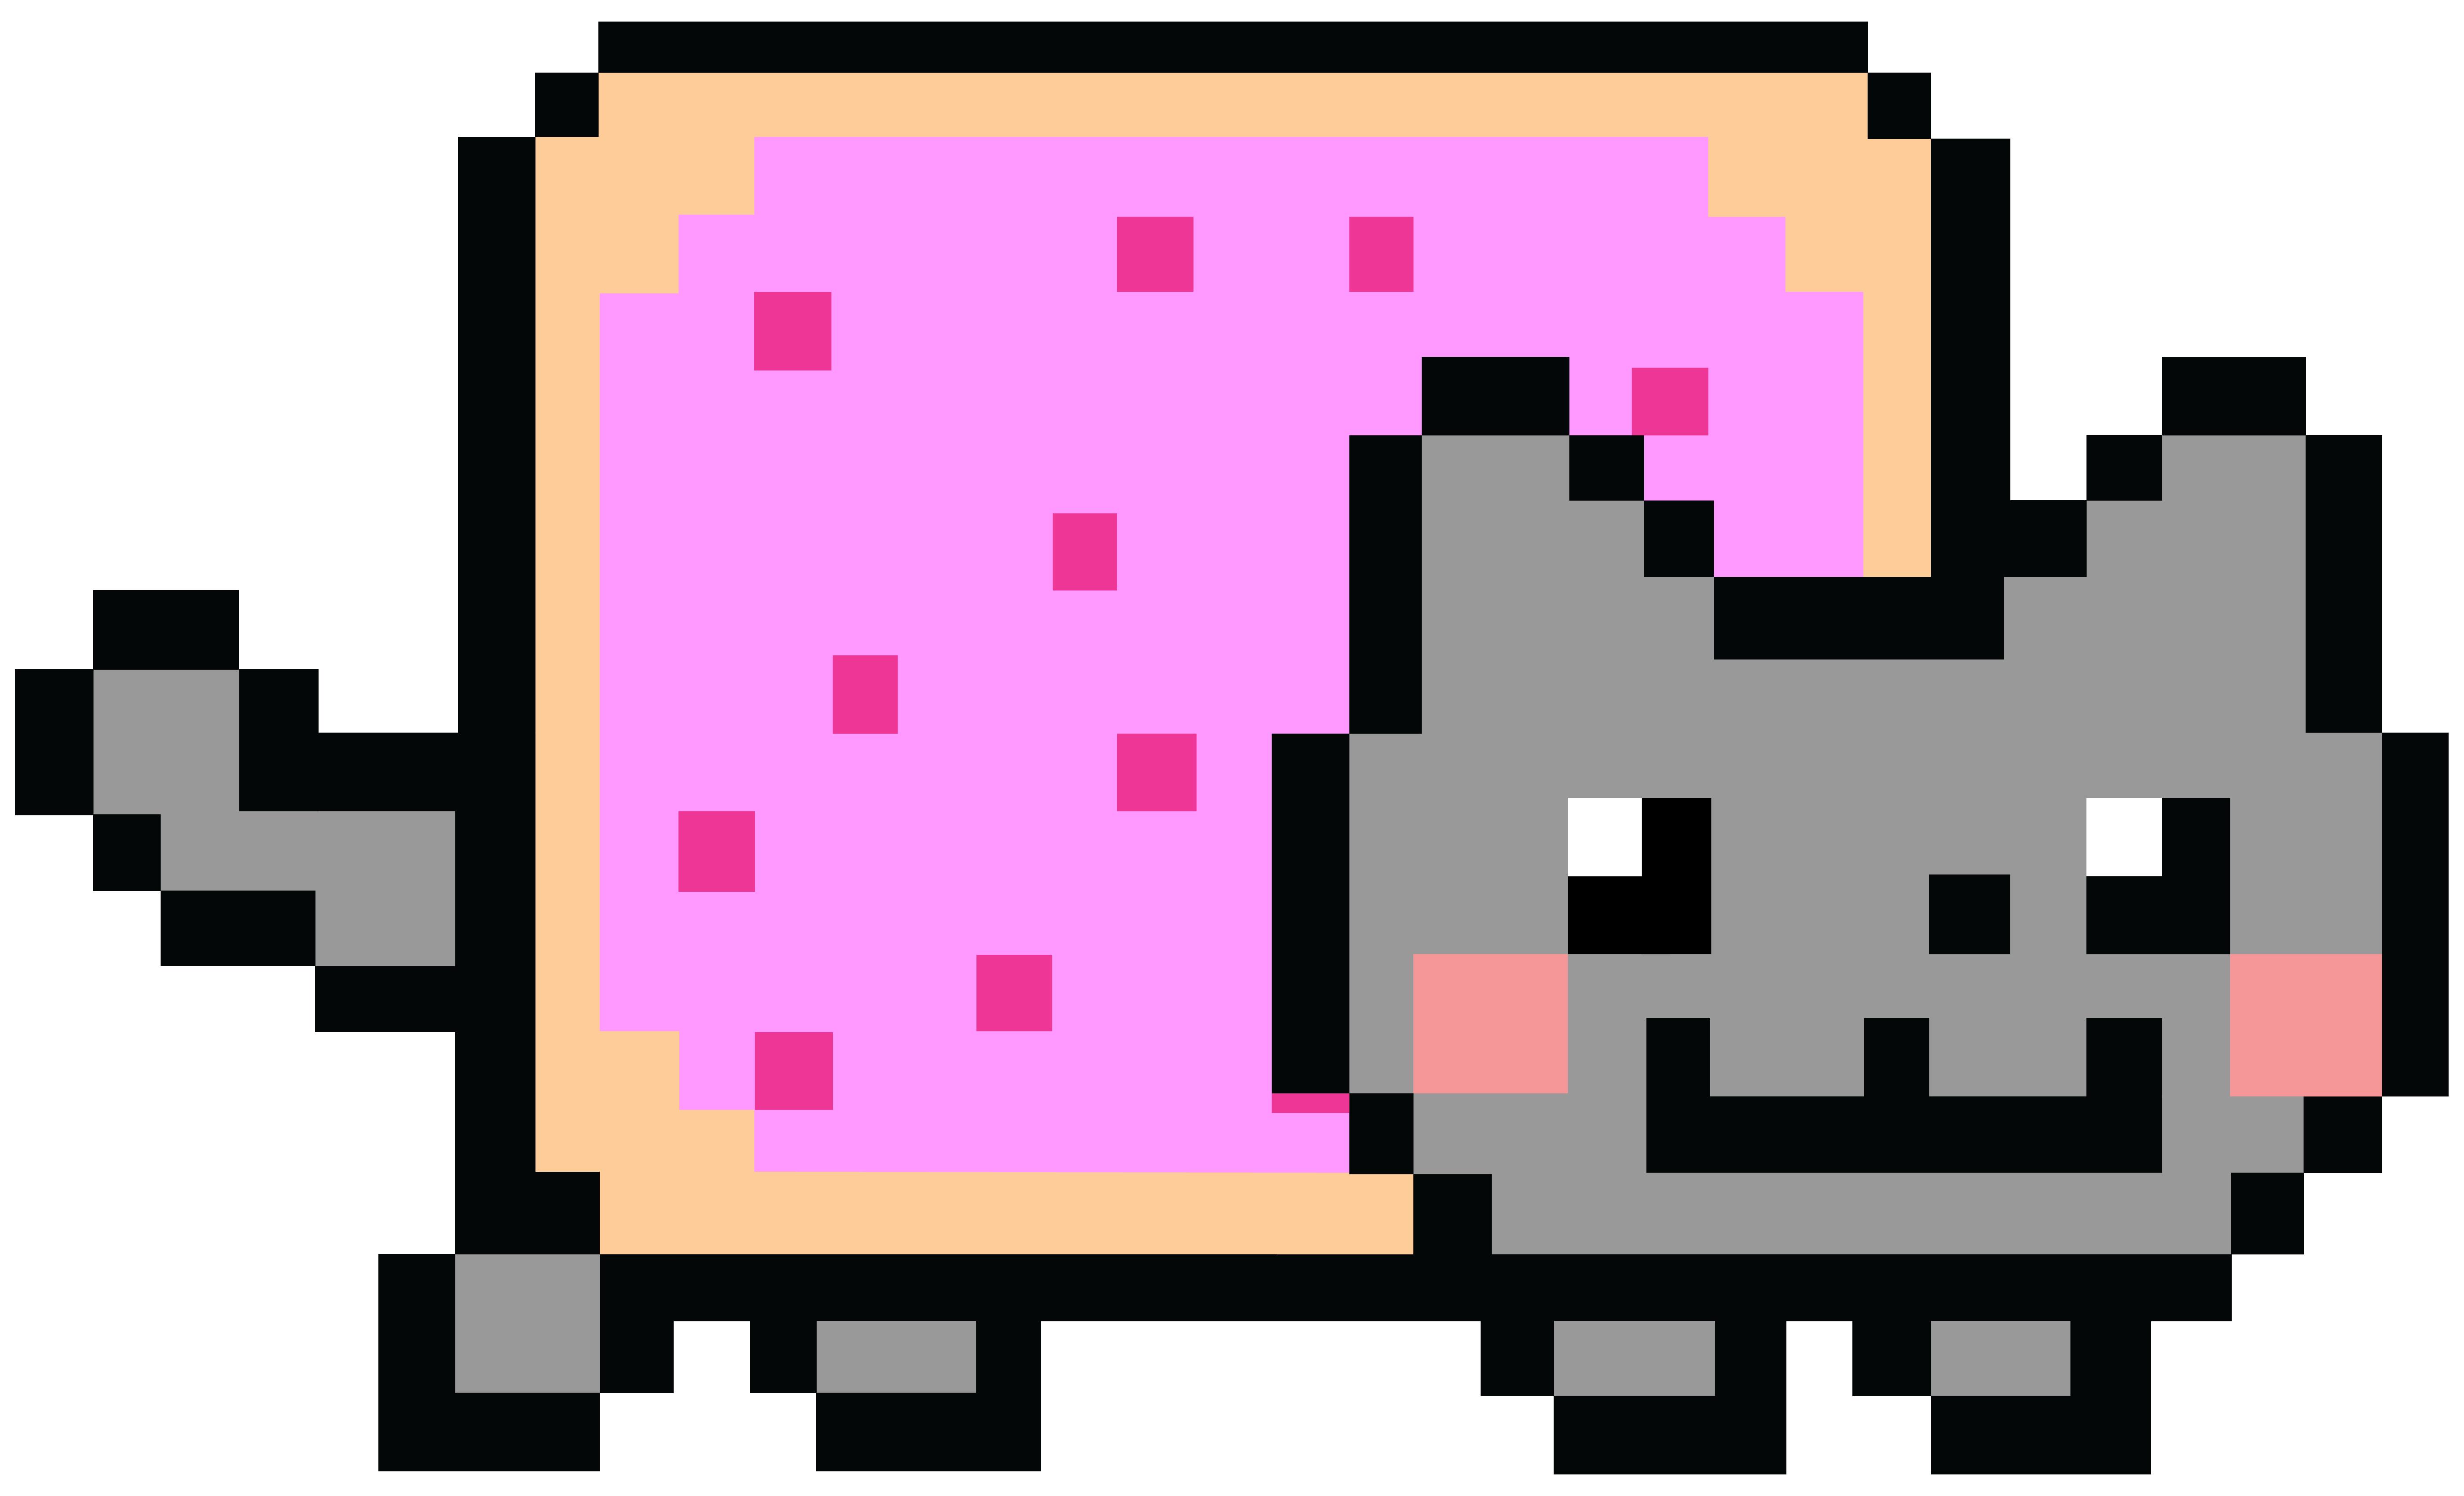 Nyan Cat #9